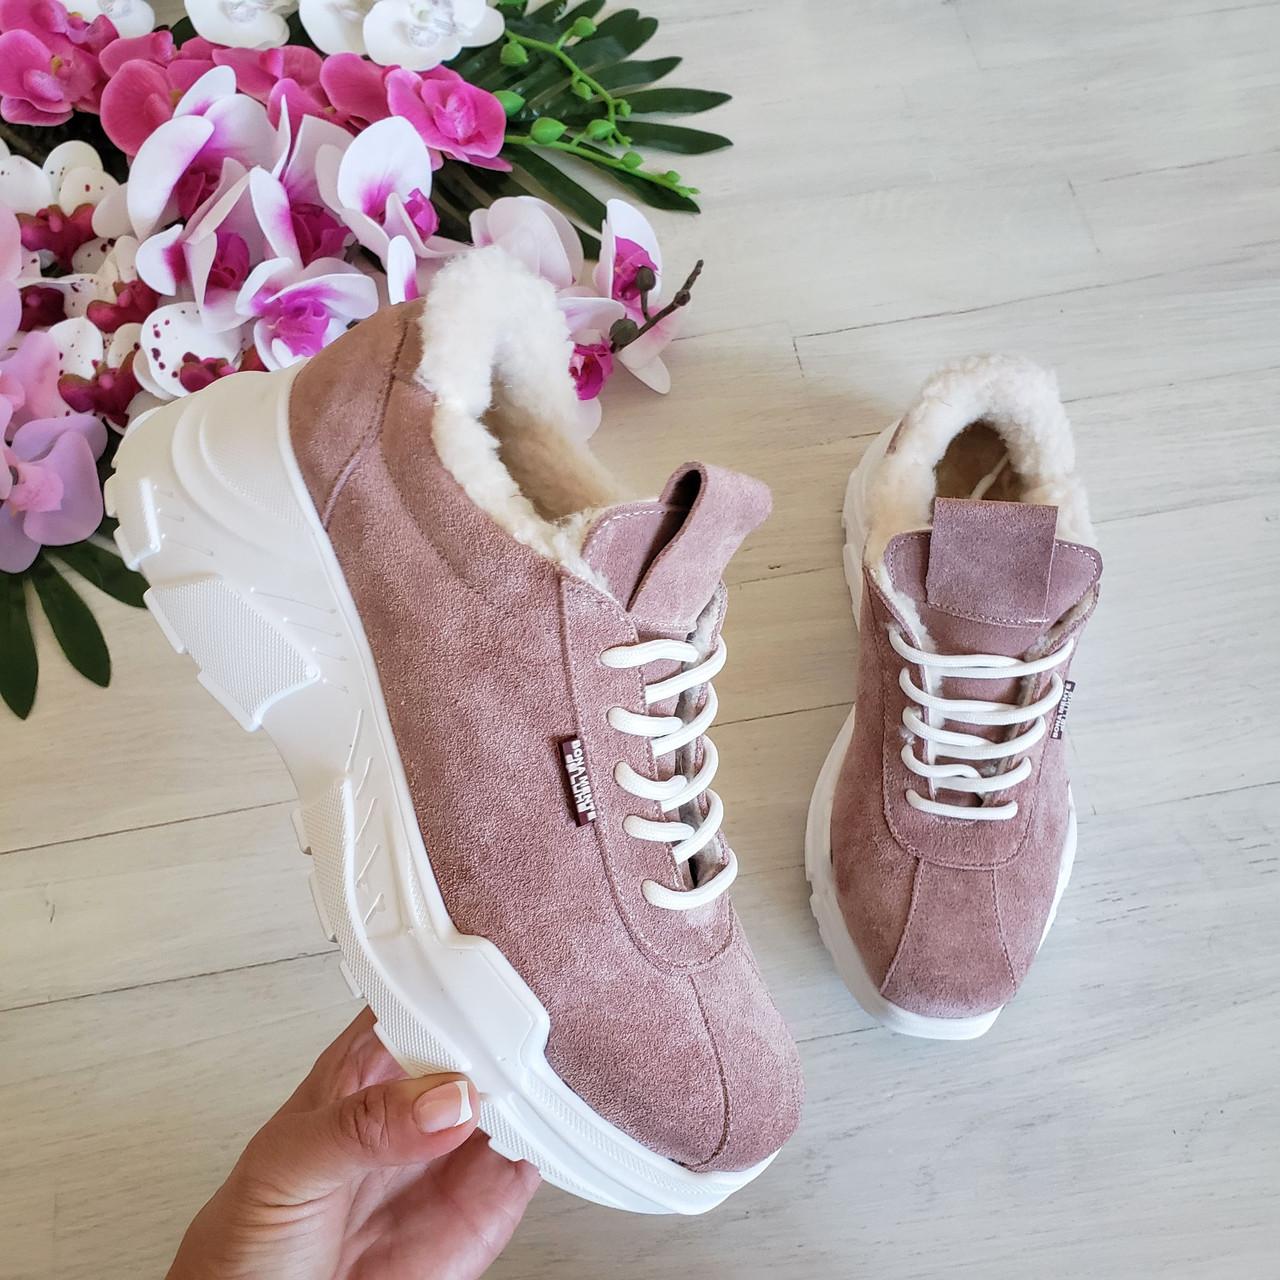 Женские зимние замшевые кроссовки на высокой подошве (пудра)